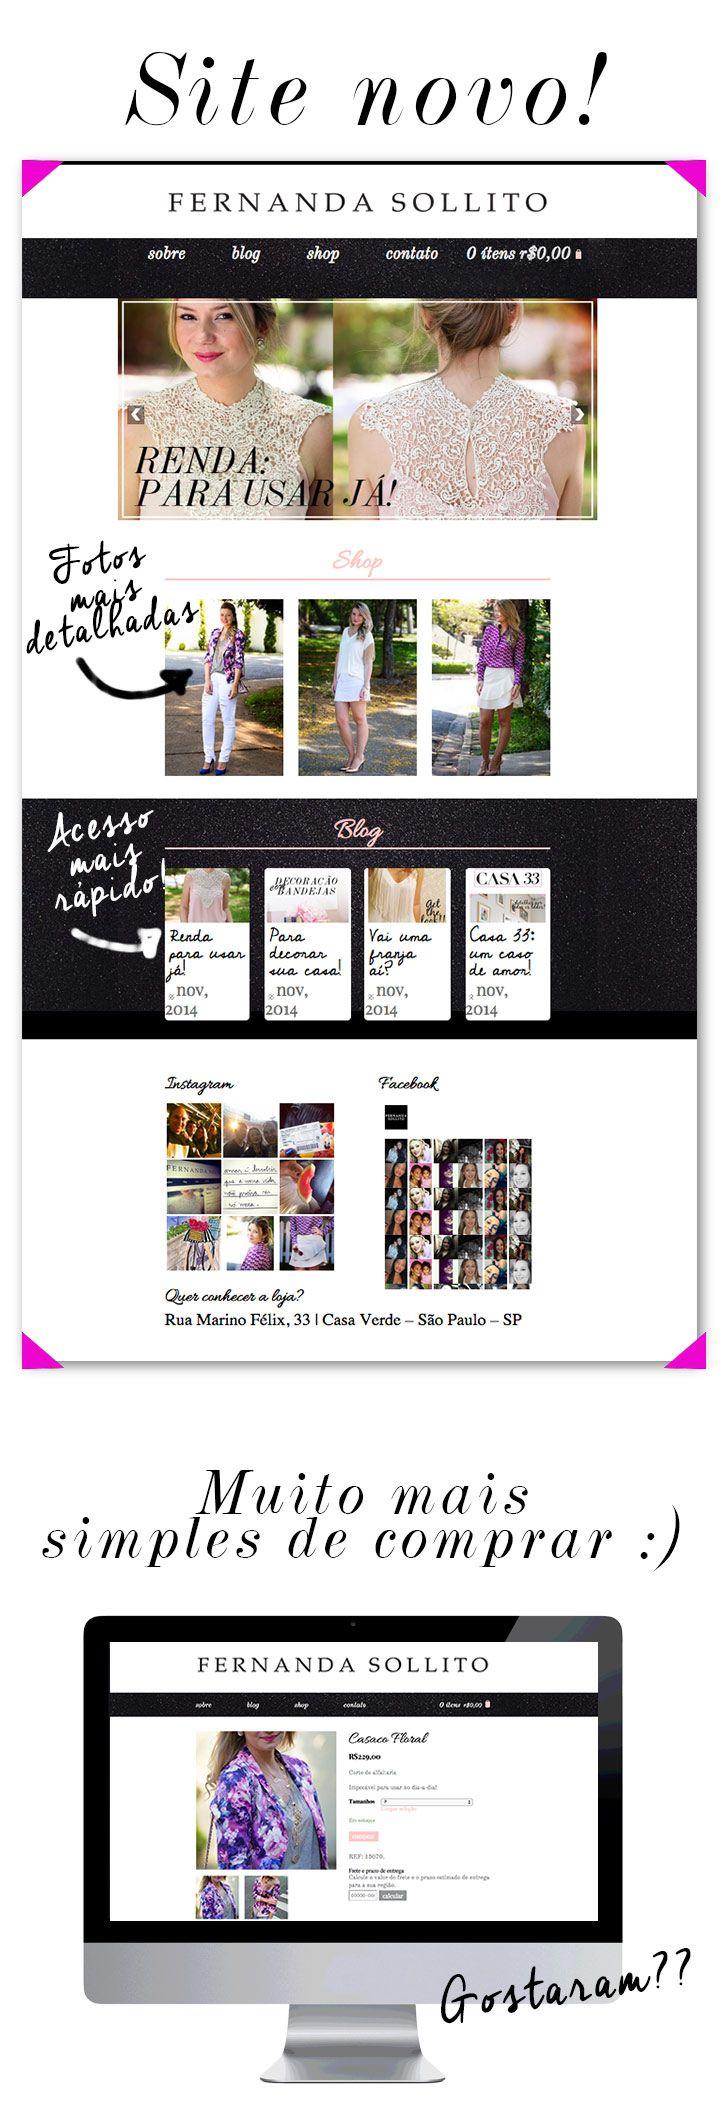 É com todo prazer queapresento para vocês o nosso novo site :) Muito mais simples de navegar e de comprar as novidades da loja (prometo atualizar sempre para vocês!!!). O layout é muito mais clean. A loja online muito mais simples e com mais fotos detalhadas. Você pode ler tanto do seu computador, celular ou …